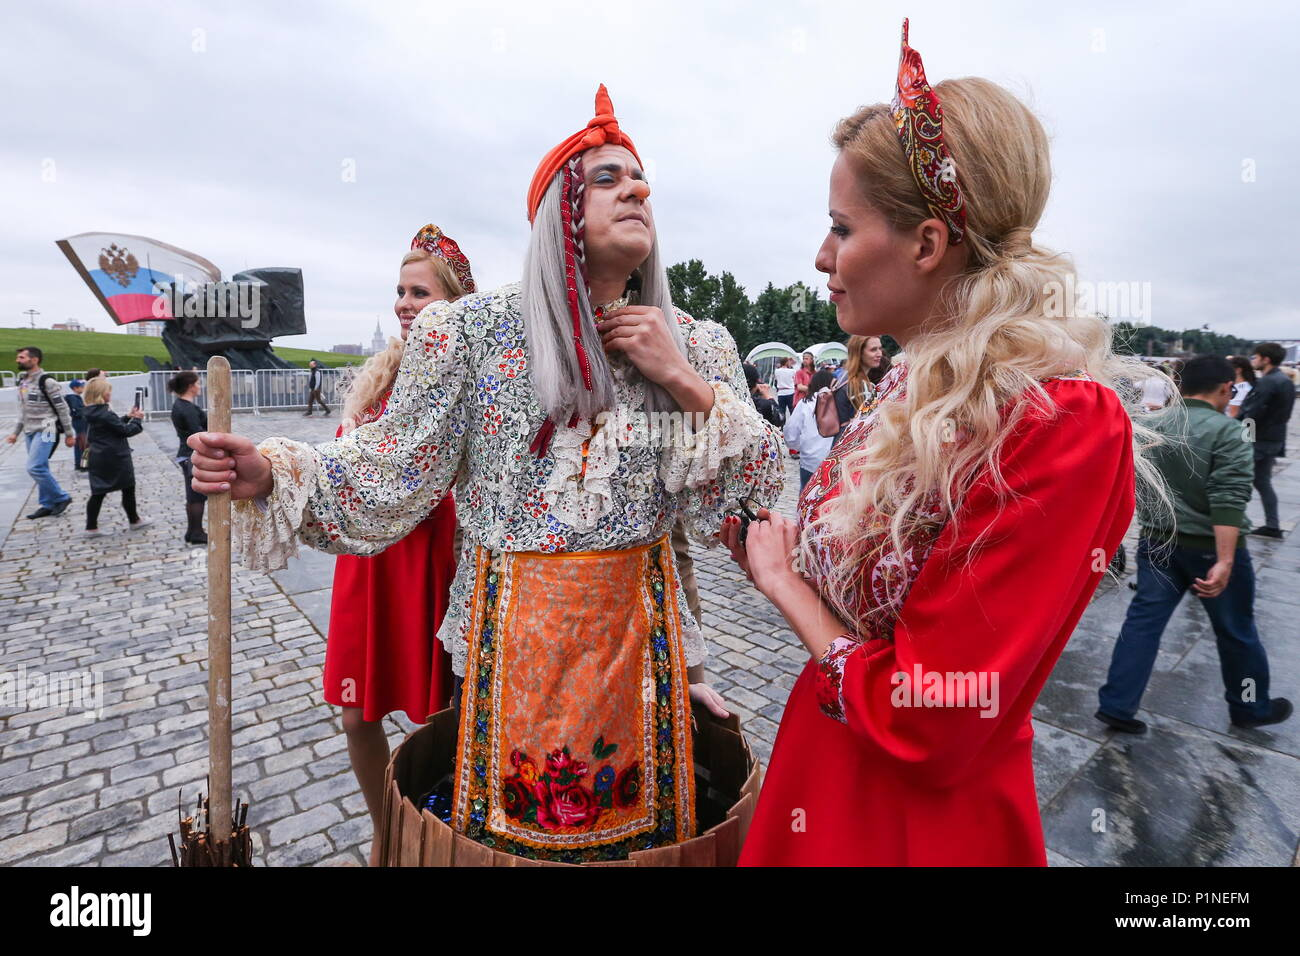 What do Russian people wear?